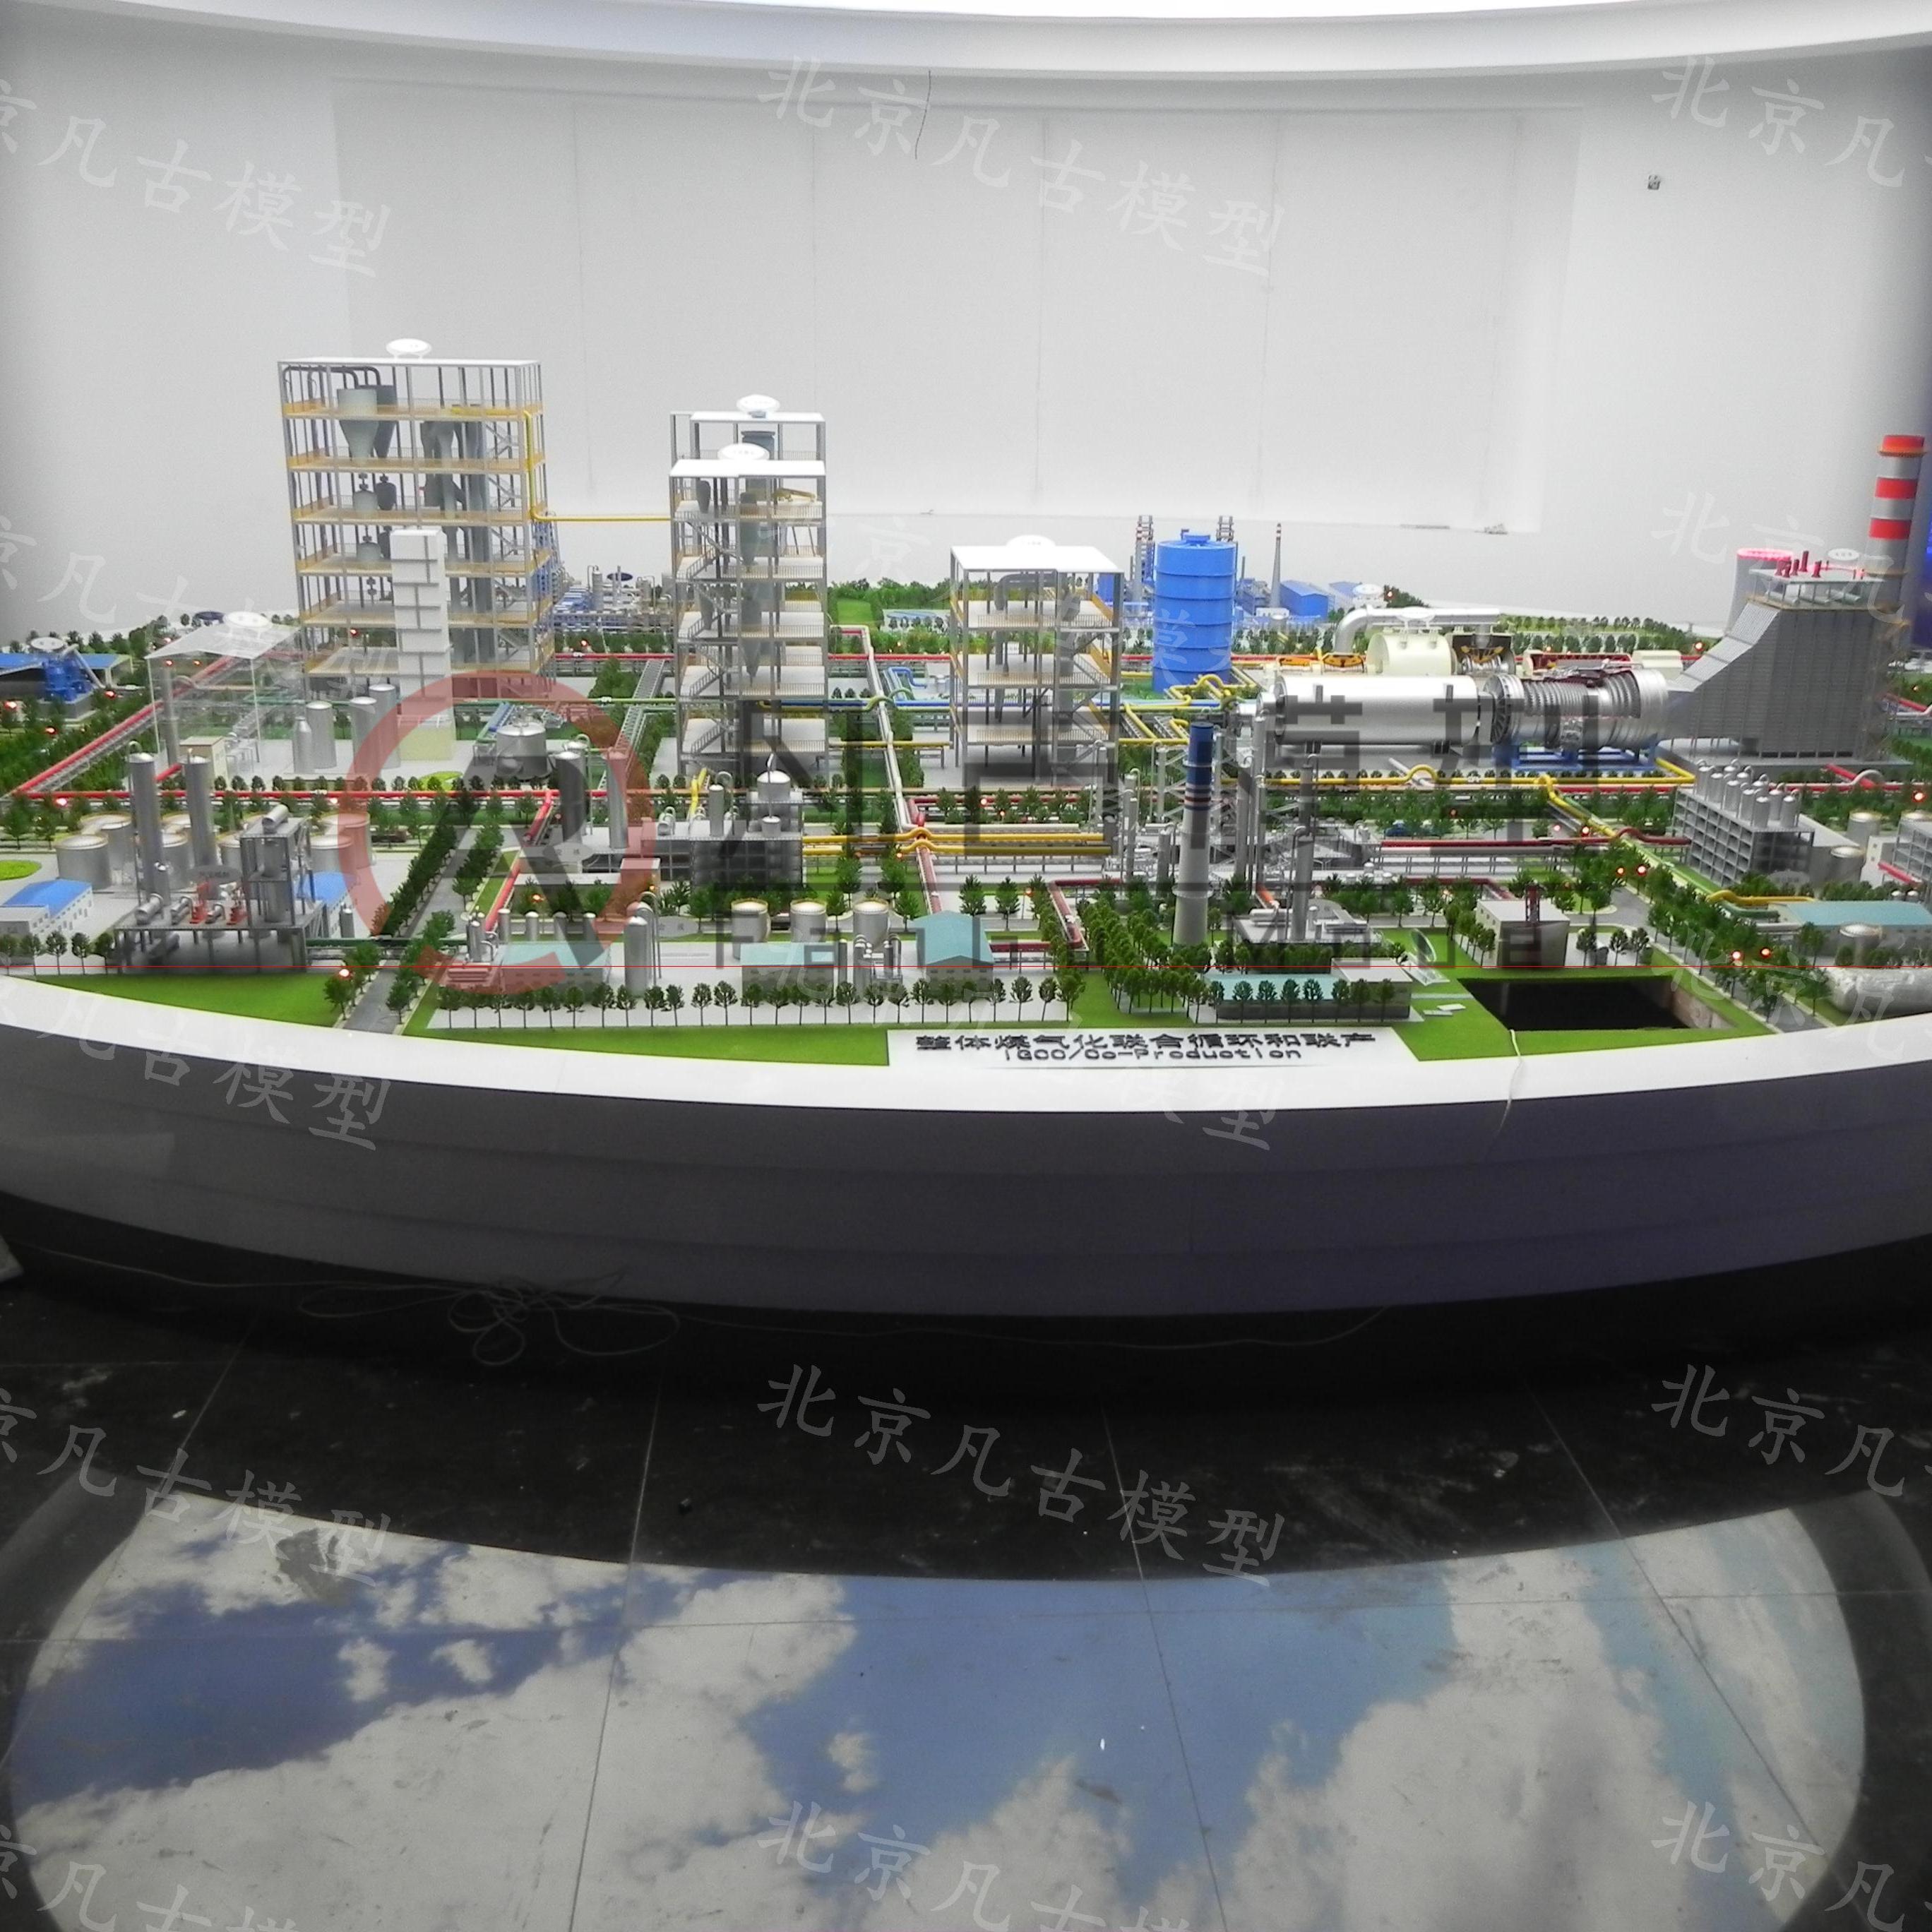 北京凡古模型制作电力系统模型 高精工业模型